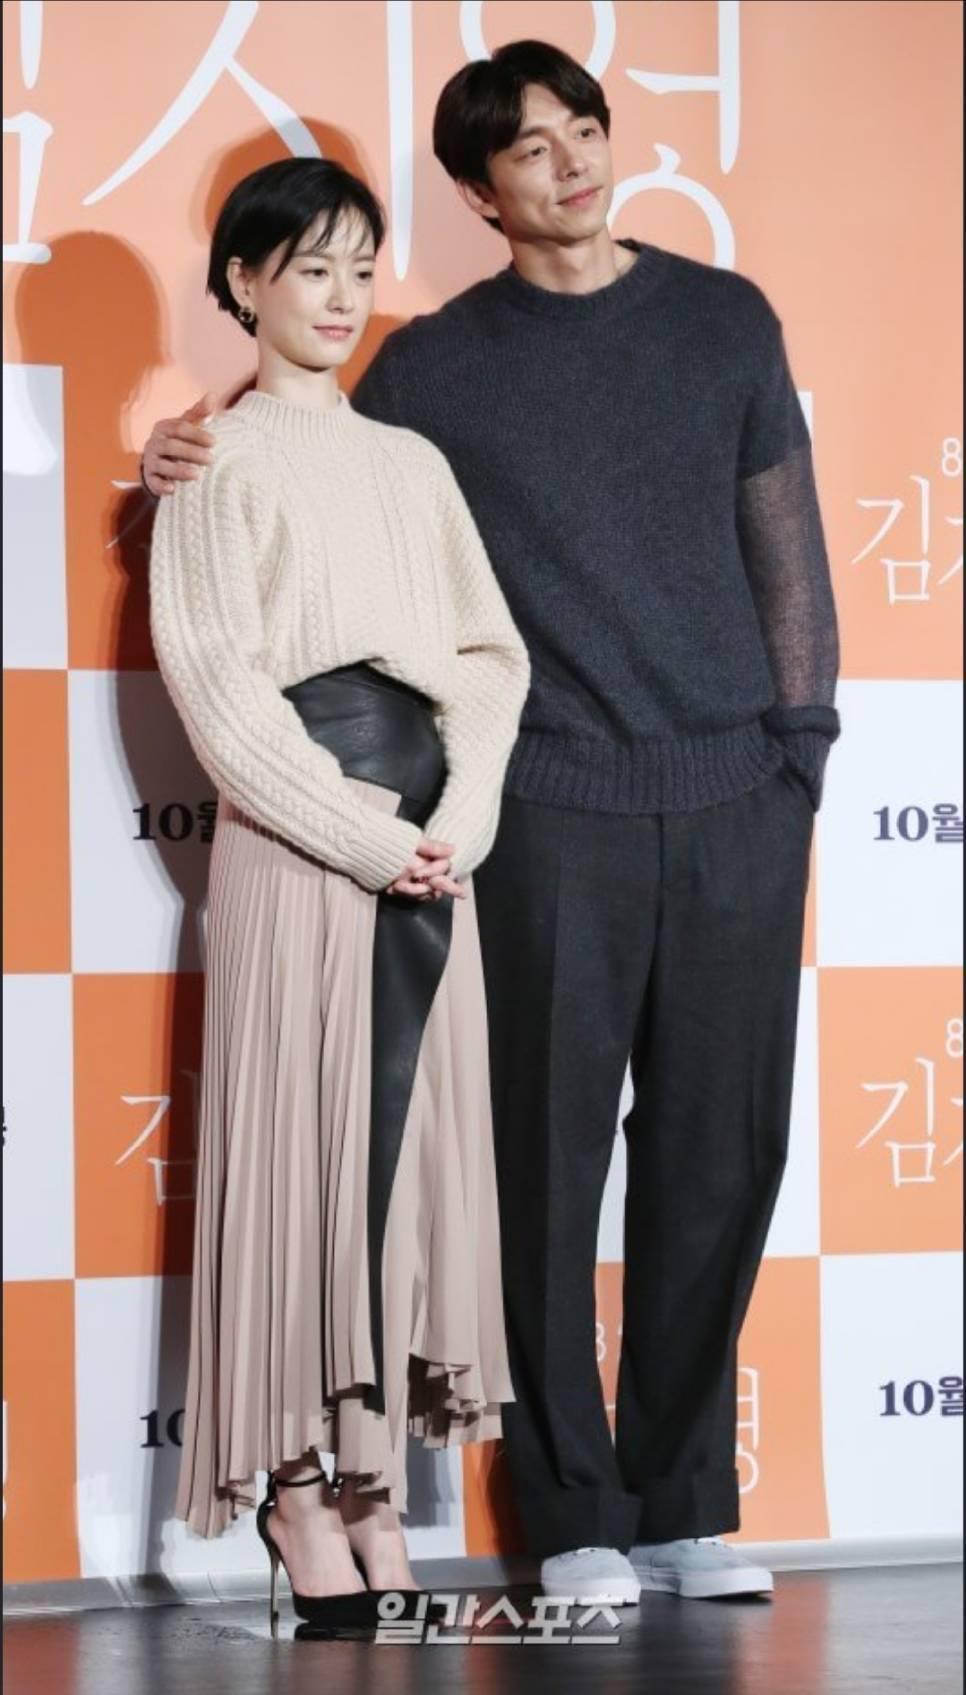 孔劉和鄭裕美這次飾演夫妻。圖/摘自日刊體育